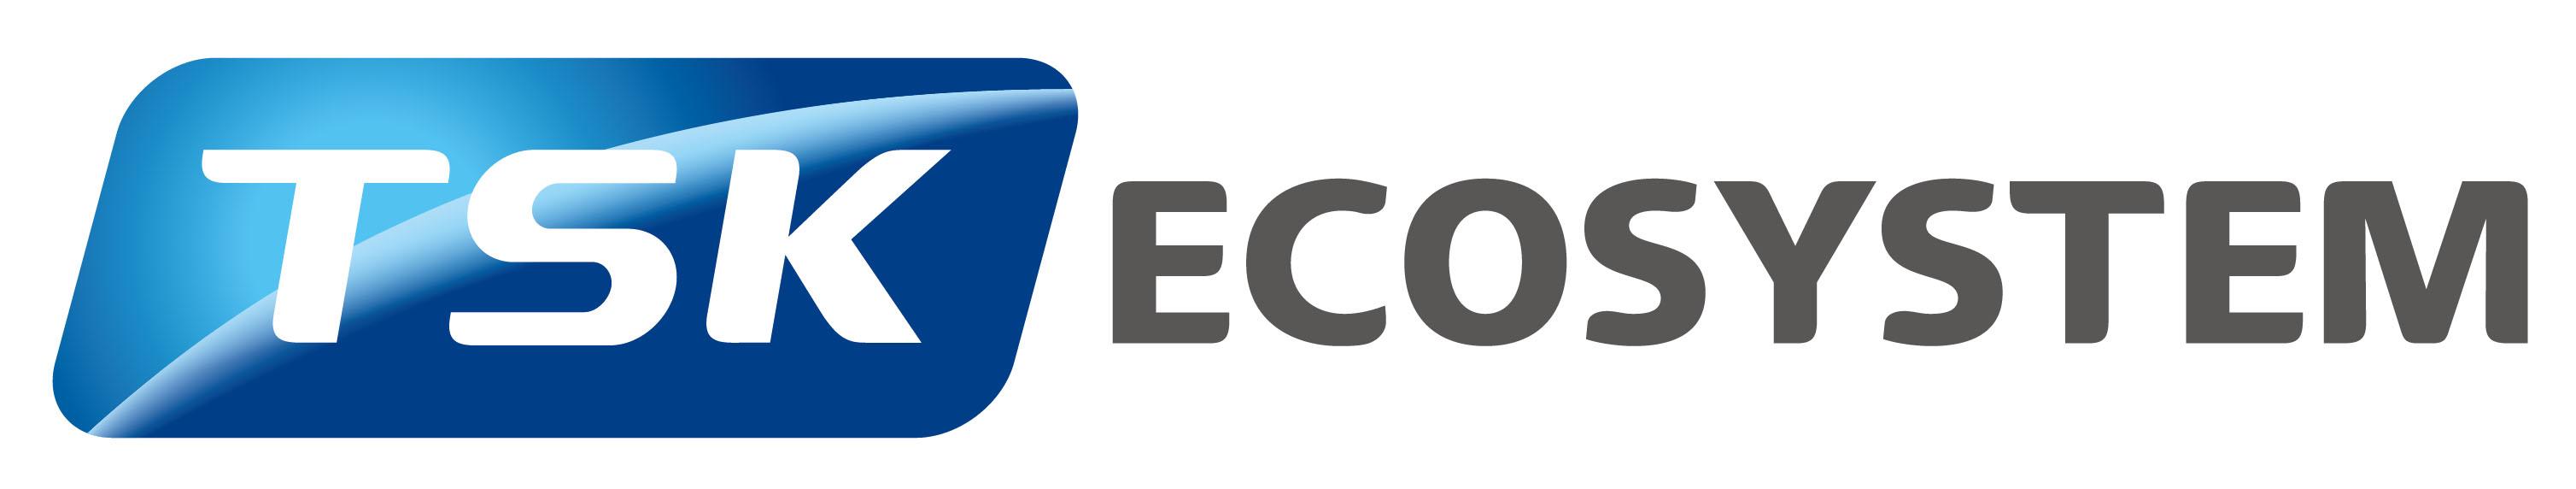 태영의 계열사 에코시스템(주)의 로고